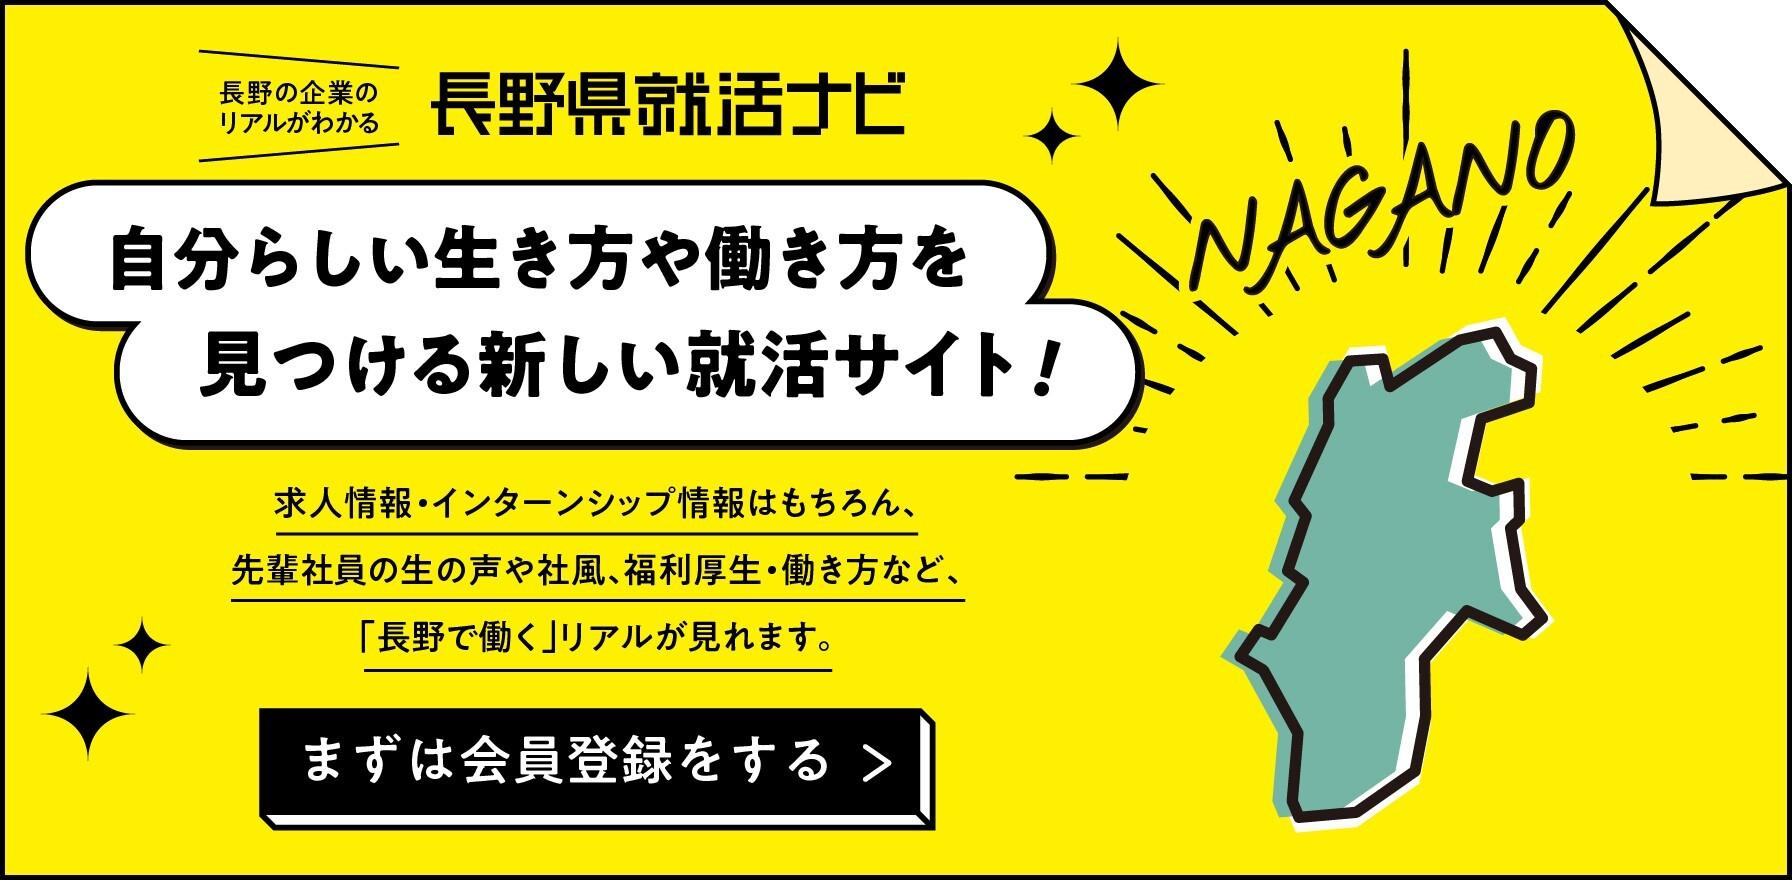 長野の企業のリアルがわかる 長野県就活ナビ 自分らしい生き方や働き方を見つける新しい就活サイト!まずは会員登録する